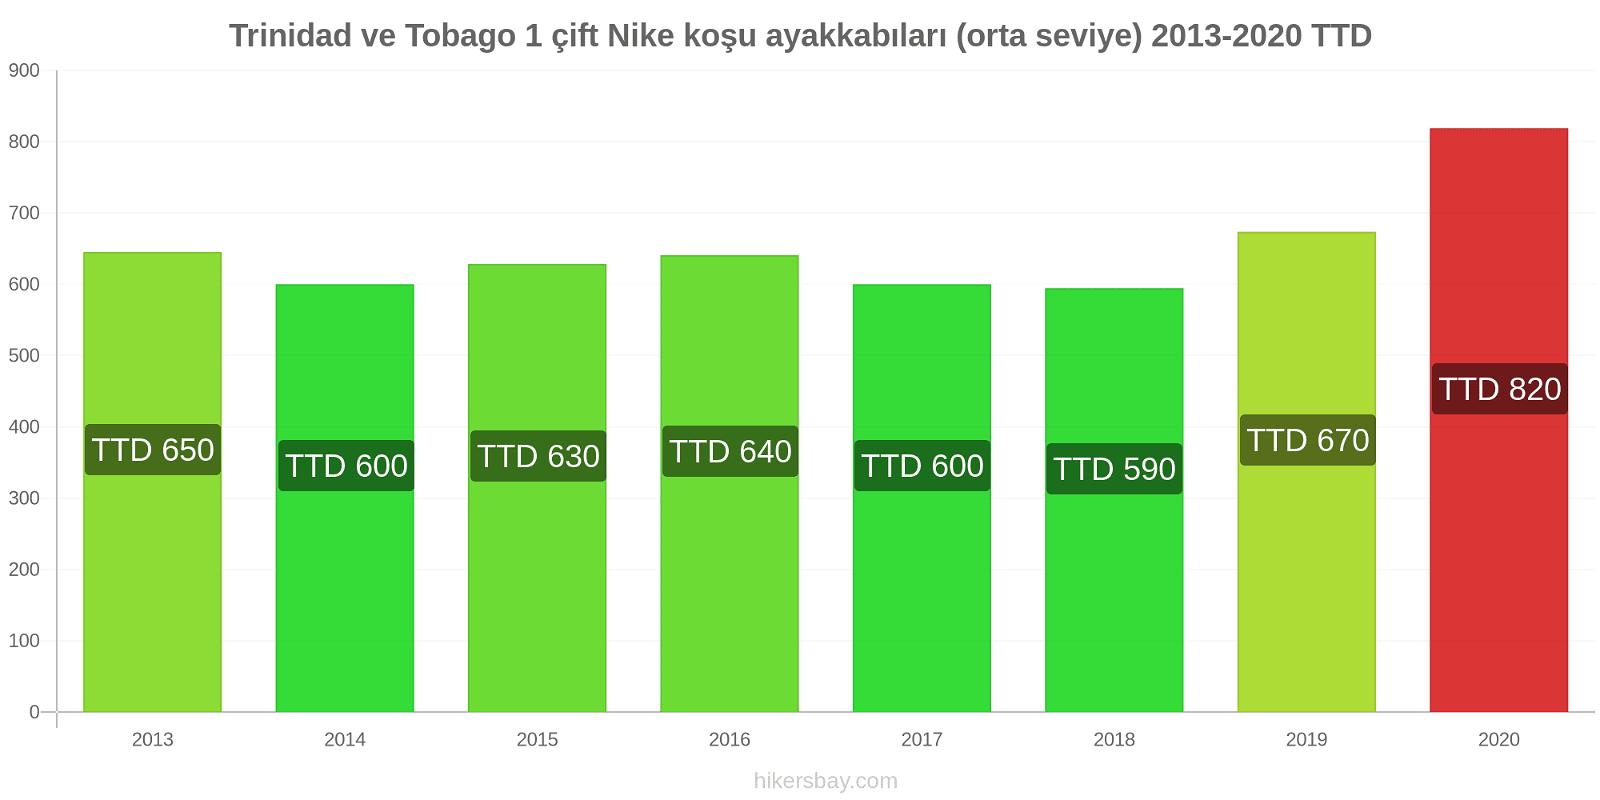 Trinidad ve Tobago fiyat değişiklikleri 1 çift Nike koşu ayakkabıları (orta seviye) hikersbay.com